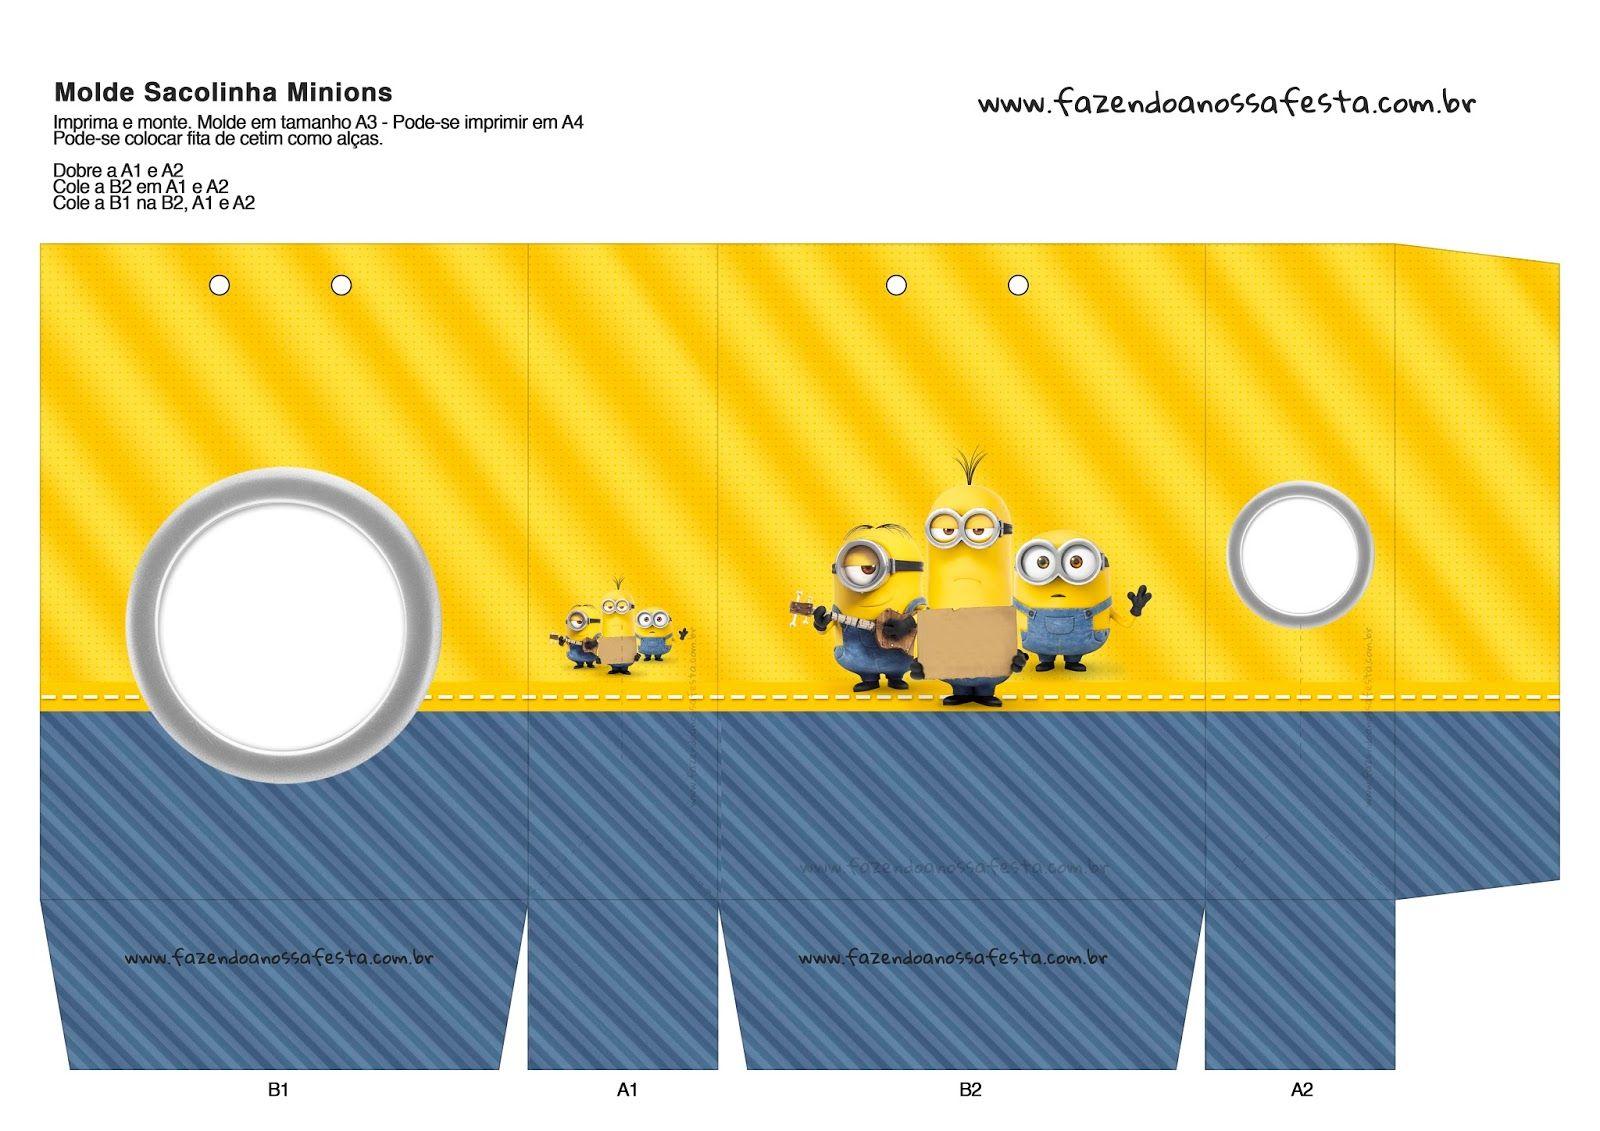 Cajas De Minions Para Imprimir Gratis Minions Festa Infantil